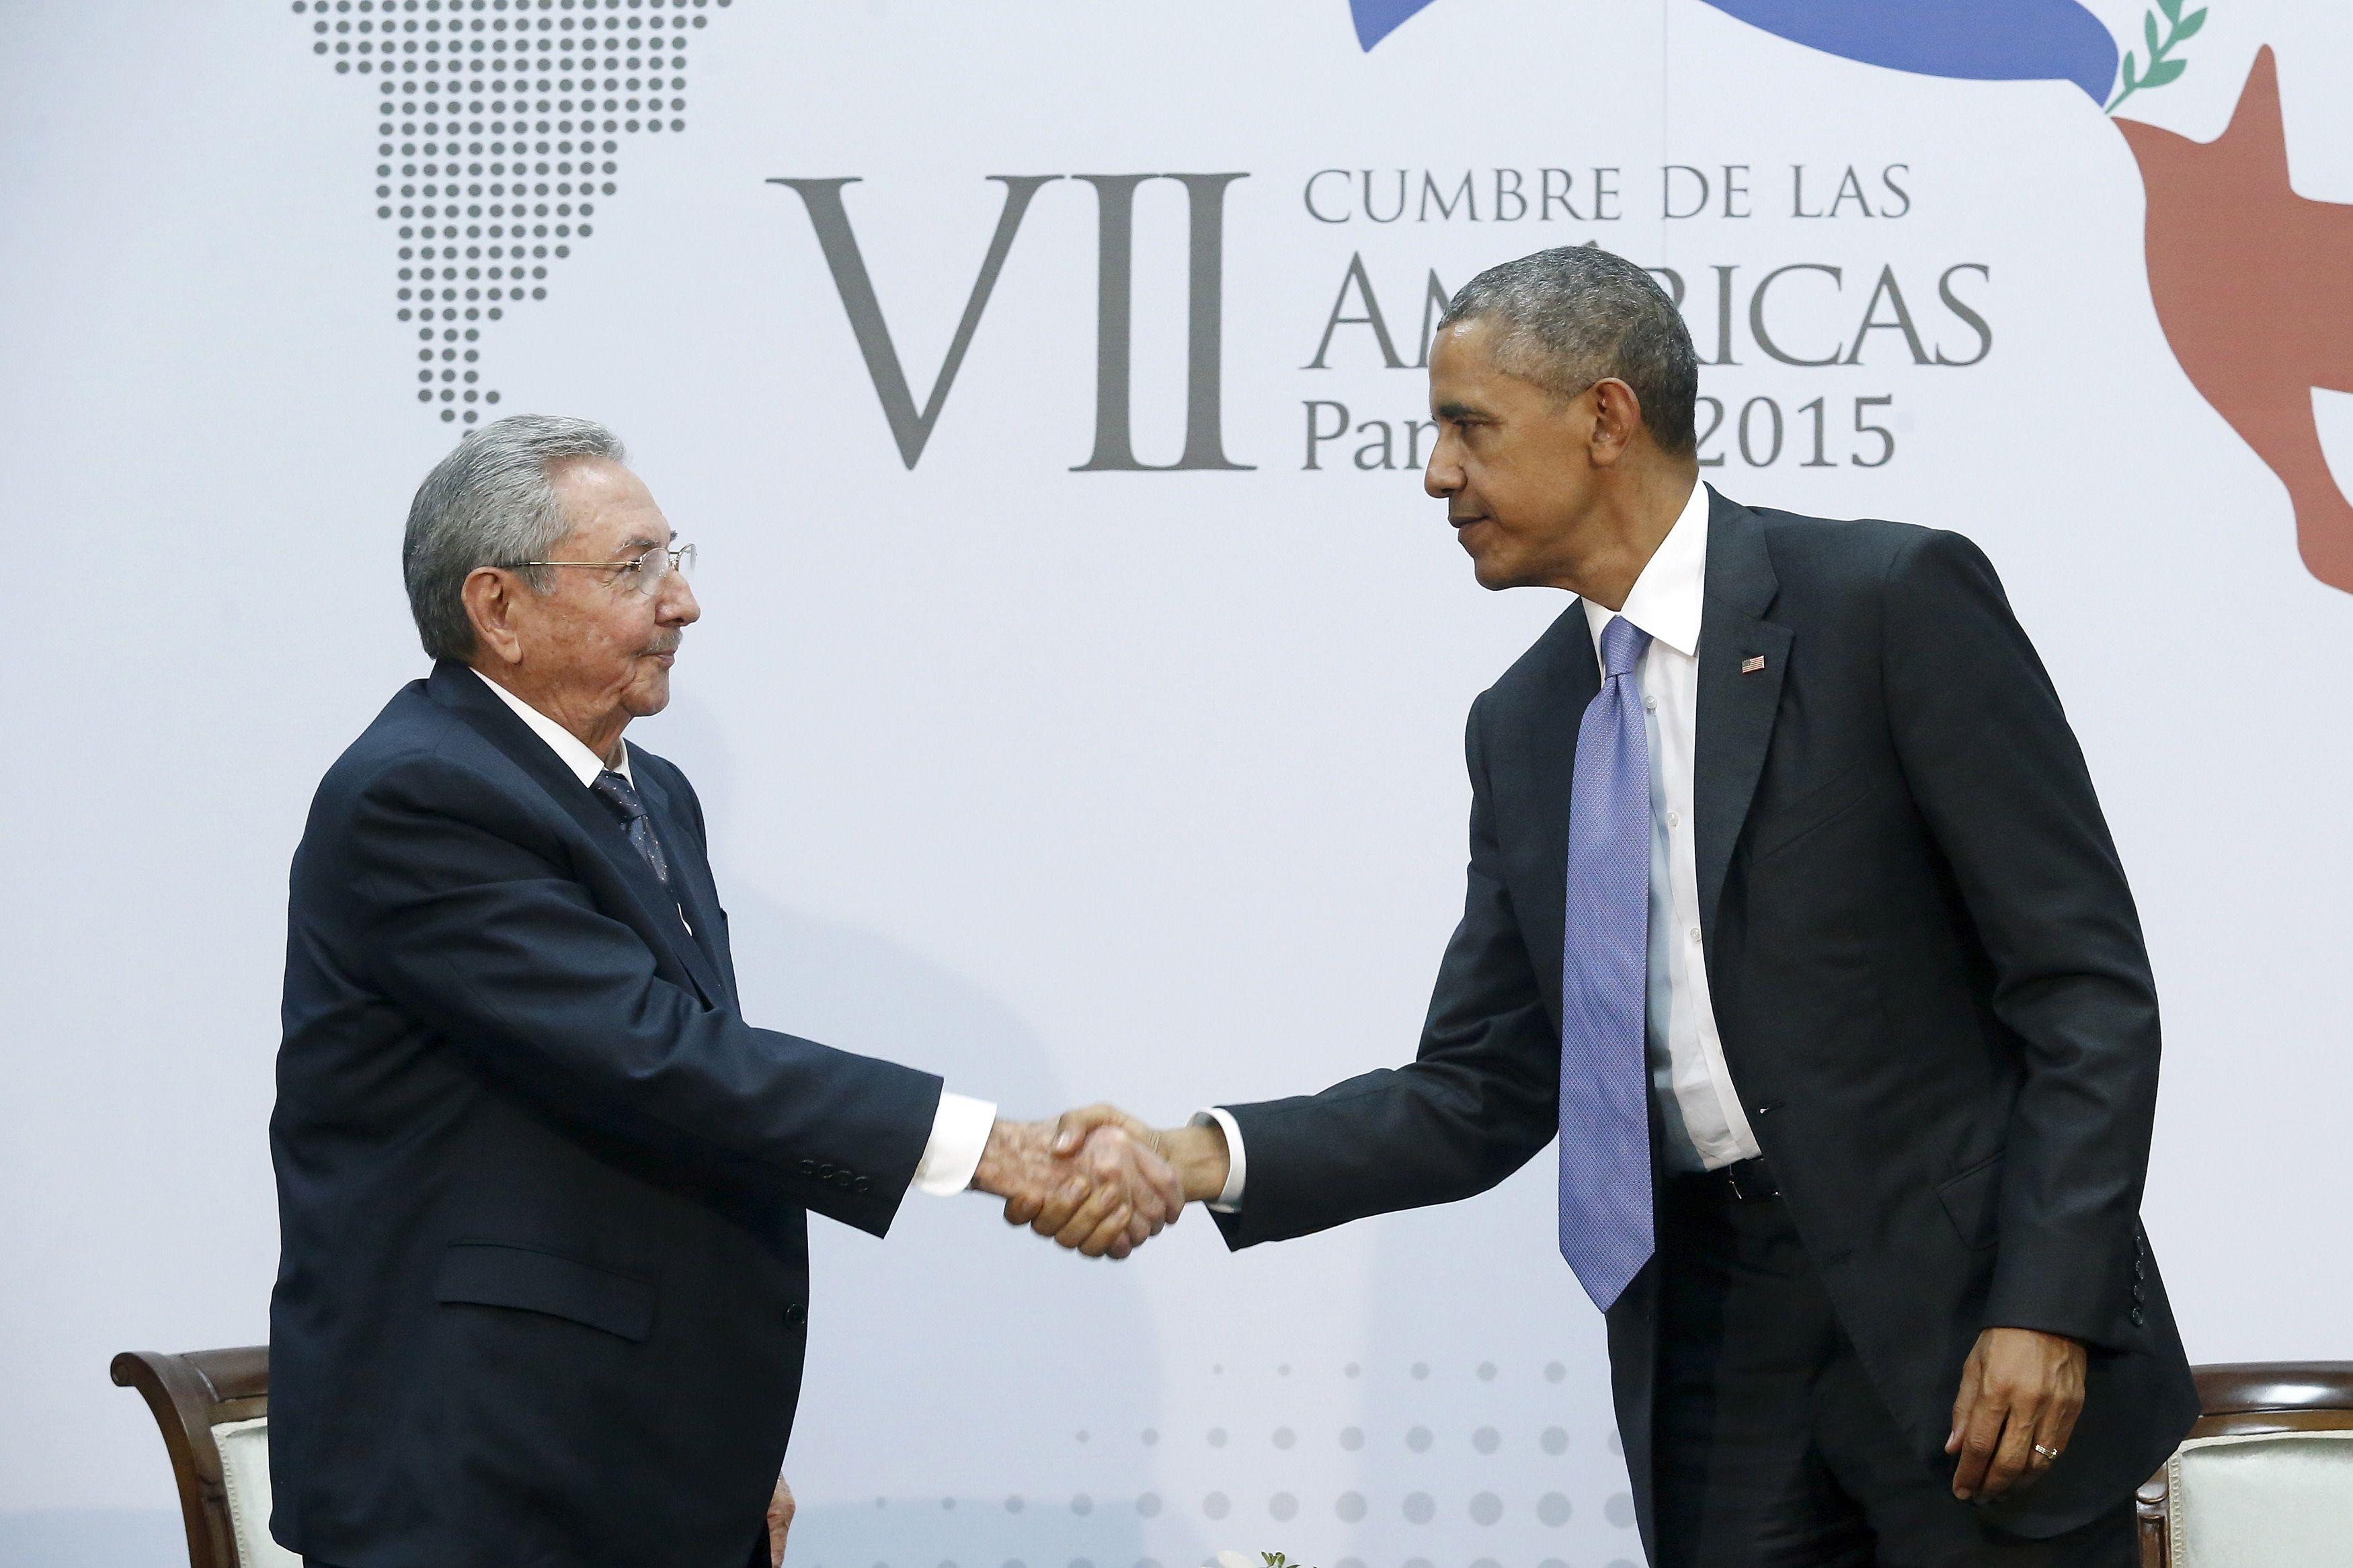 Etats-Unis : Barack Obama veut retirer Cuba de la liste noire des pays qui soutiennent les terroristes